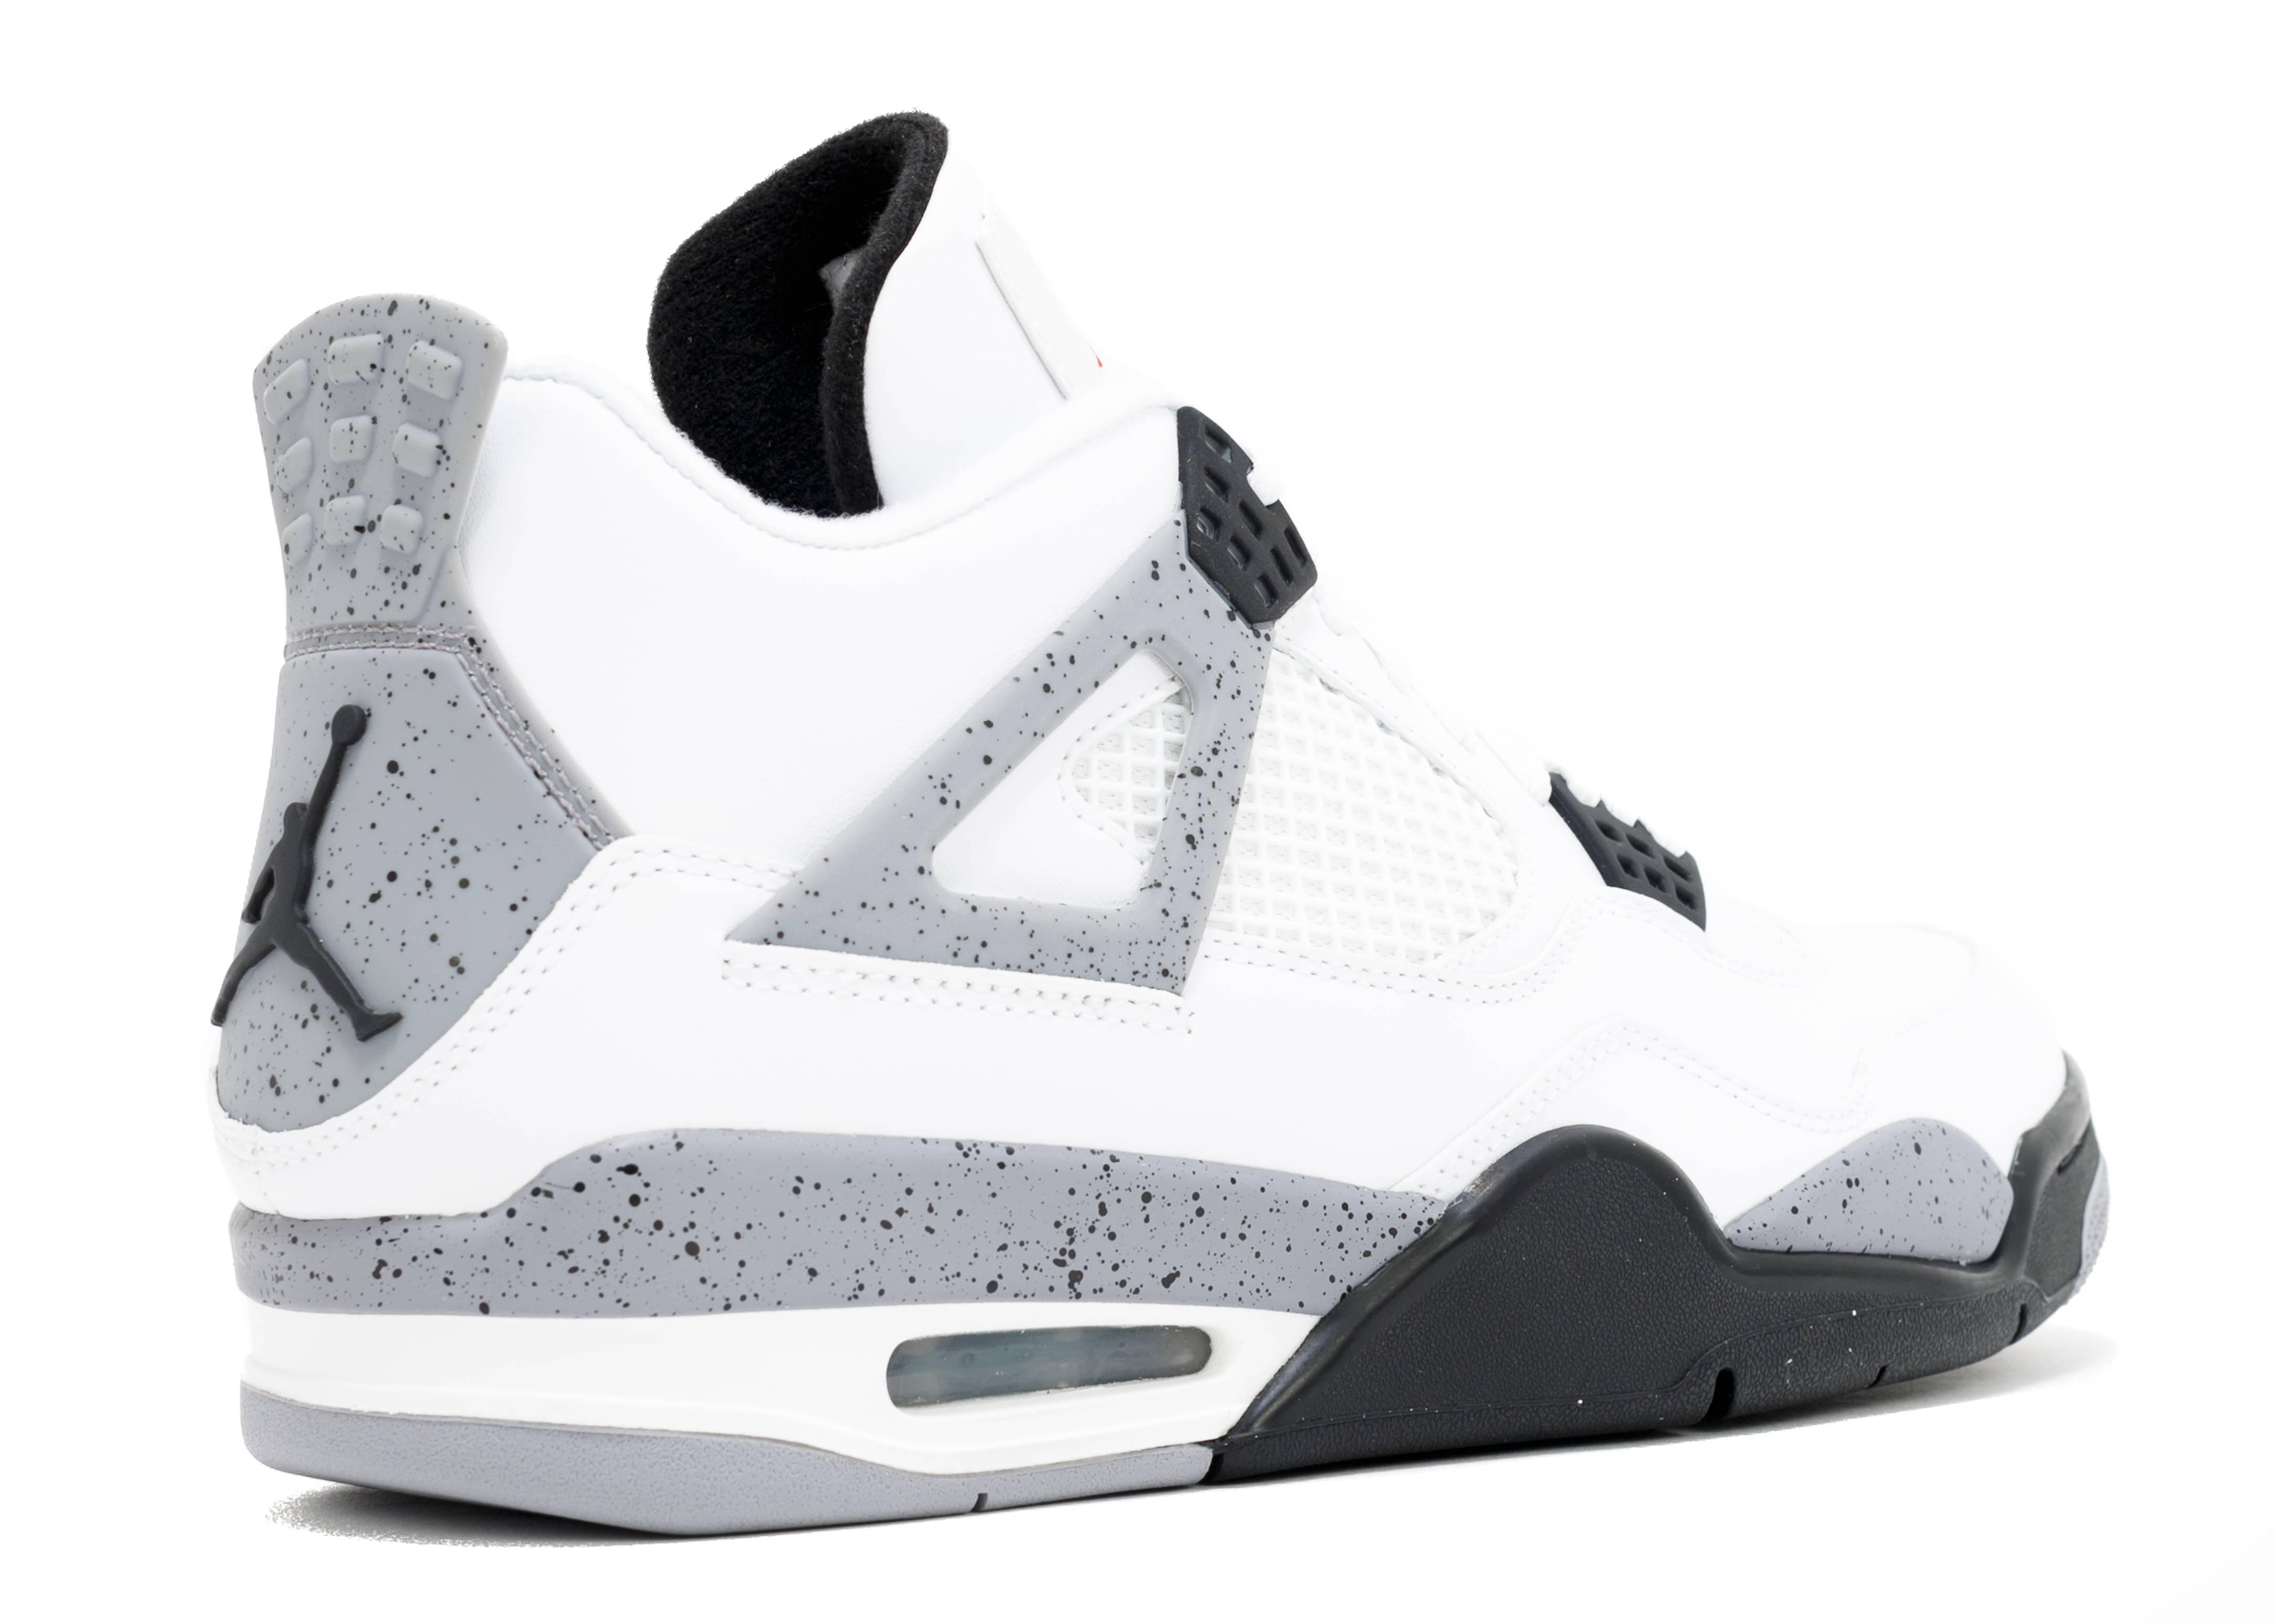 """très nike pas cher shox chaussures - air jordan 4 retro """"2012 release"""" - white/black-cement grey - Air ..."""